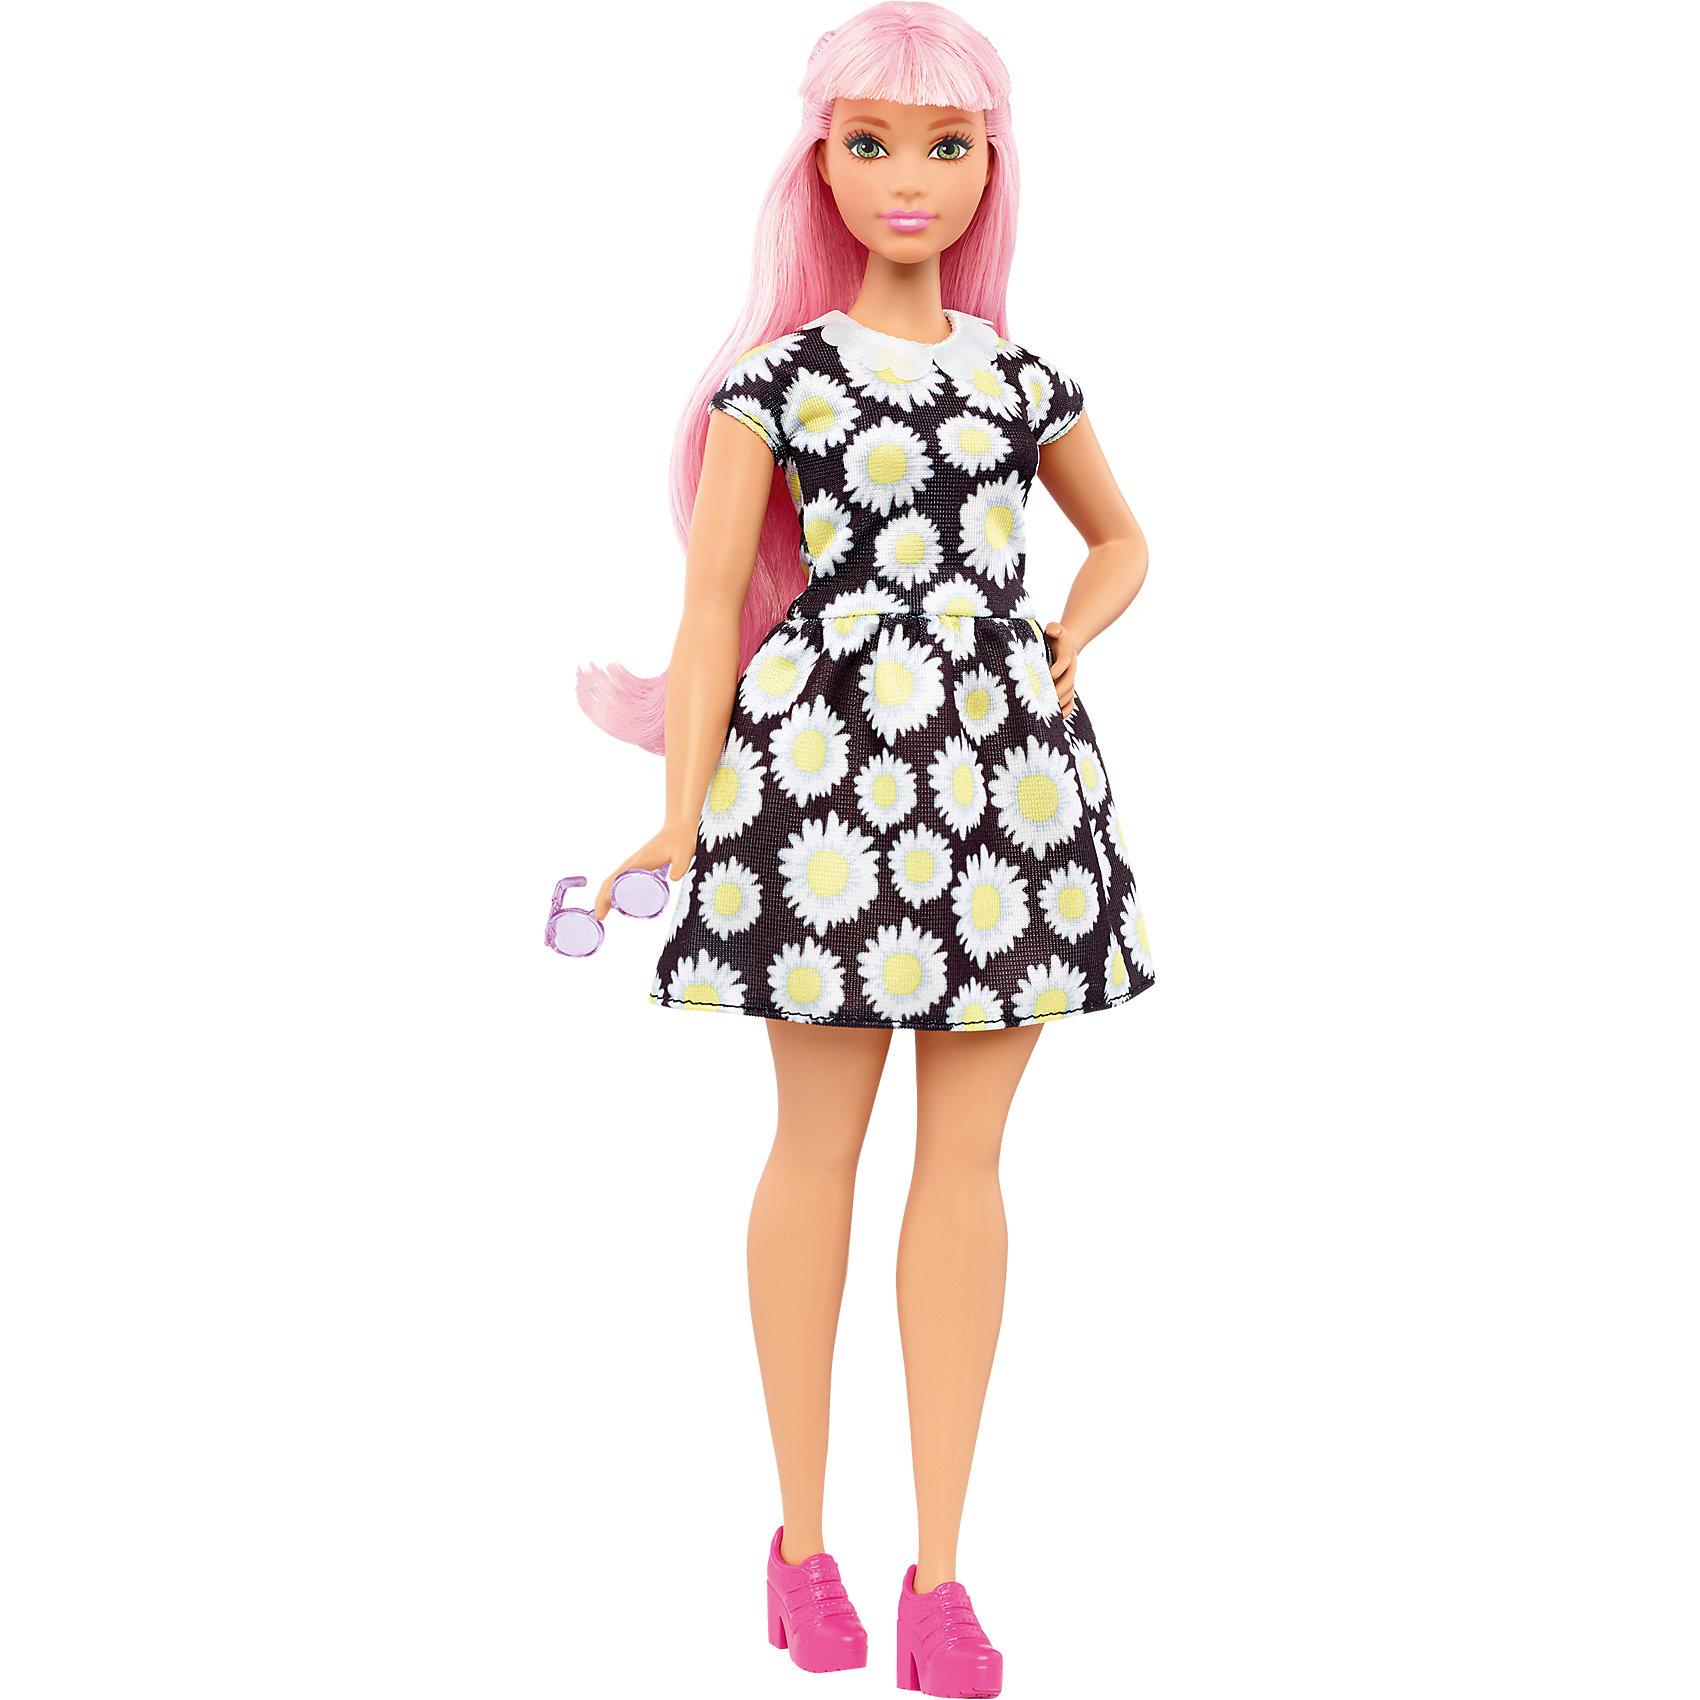 Кукла из серии Игра с модой Daisy Pop, BarbieХарактеристики товара:<br><br>• комплектация: кукла, одежда<br>• материал: пластик, текстиль<br>• серия: Barbie игра с модой<br>• руки, ноги гнутся<br>• высота куклы: 28 см<br>• возраст: от трех лет<br>• размер упаковки: 33х12х5 см<br>• вес: 0,3 кг<br>• страна бренда: США<br><br>Невероятно модный образ изящной куклы порадует маленьких любительниц стильных и необычных нарядов. Стильную одежду дополняет обувь и аксессуары. Длинные волосы позволяют делать разнообразные прически! Барби из серии Игра с модой станет великолепным подарком для девочек, которые следят за модными тенденциями.<br><br>Такие куклы помогают развить у девочек вкус и чувство стиля, отработать сценарии поведения в обществе, развить воображение и мелкую моторику. Барби от бренда Mattel не перестает быть популярной! <br><br>Куклу Барби Daisy Pop из серии «Barbie и Игра с Модой» от компании Mattel можно купить в нашем интернет-магазине.<br><br>Ширина мм: 329<br>Глубина мм: 114<br>Высота мм: 60<br>Вес г: 200<br>Возраст от месяцев: 36<br>Возраст до месяцев: 72<br>Пол: Женский<br>Возраст: Детский<br>SKU: 5089079